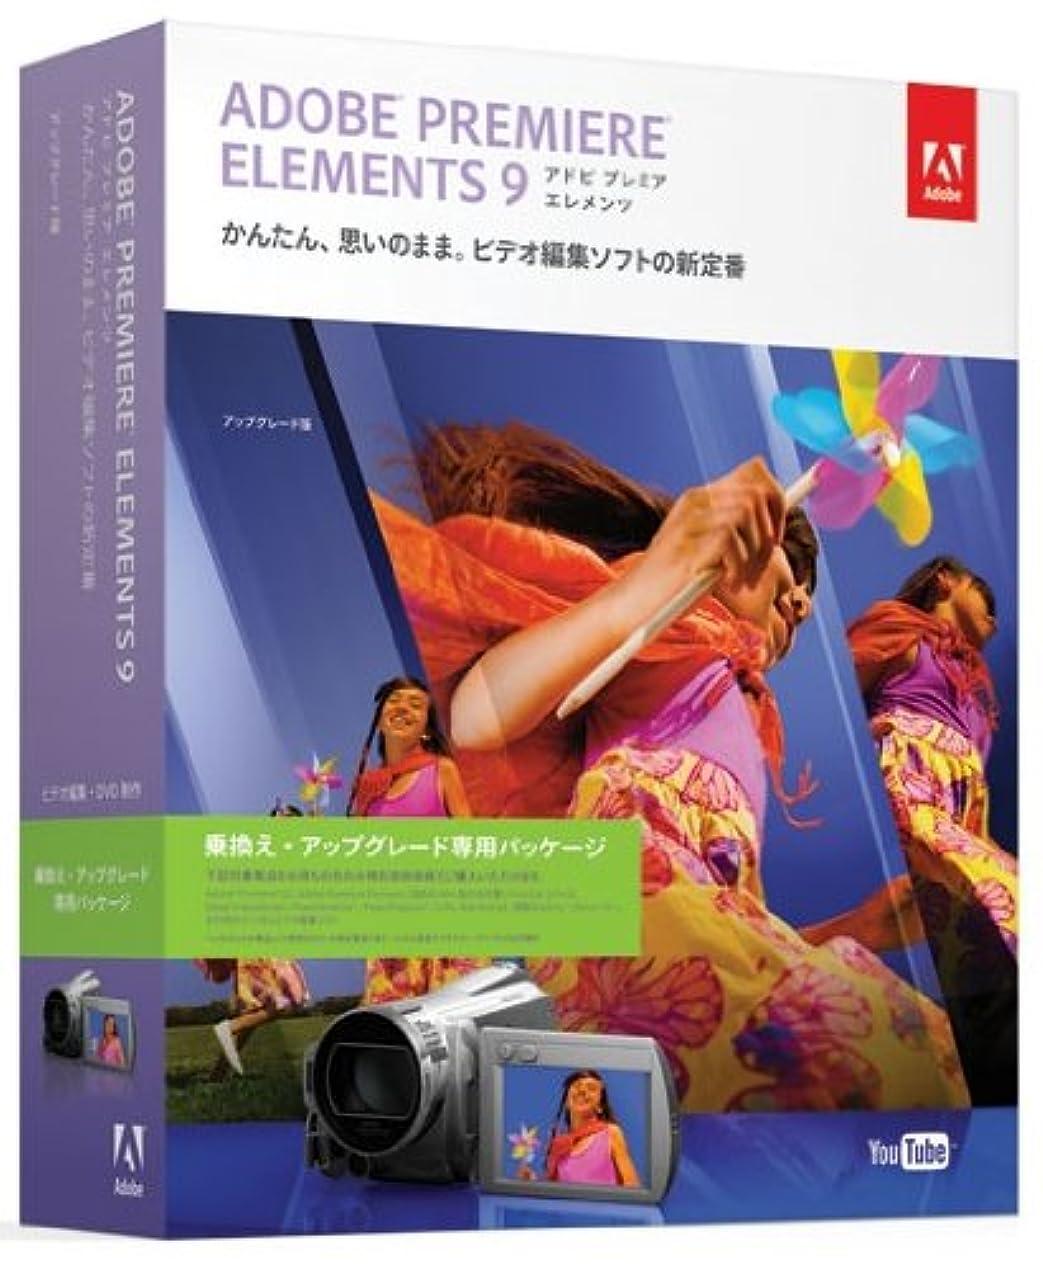 スキップましい壊滅的なAdobe Premiere Elements 9 日本語版 乗換?アップグレード版 Windows/Macintosh版 (旧価格品)